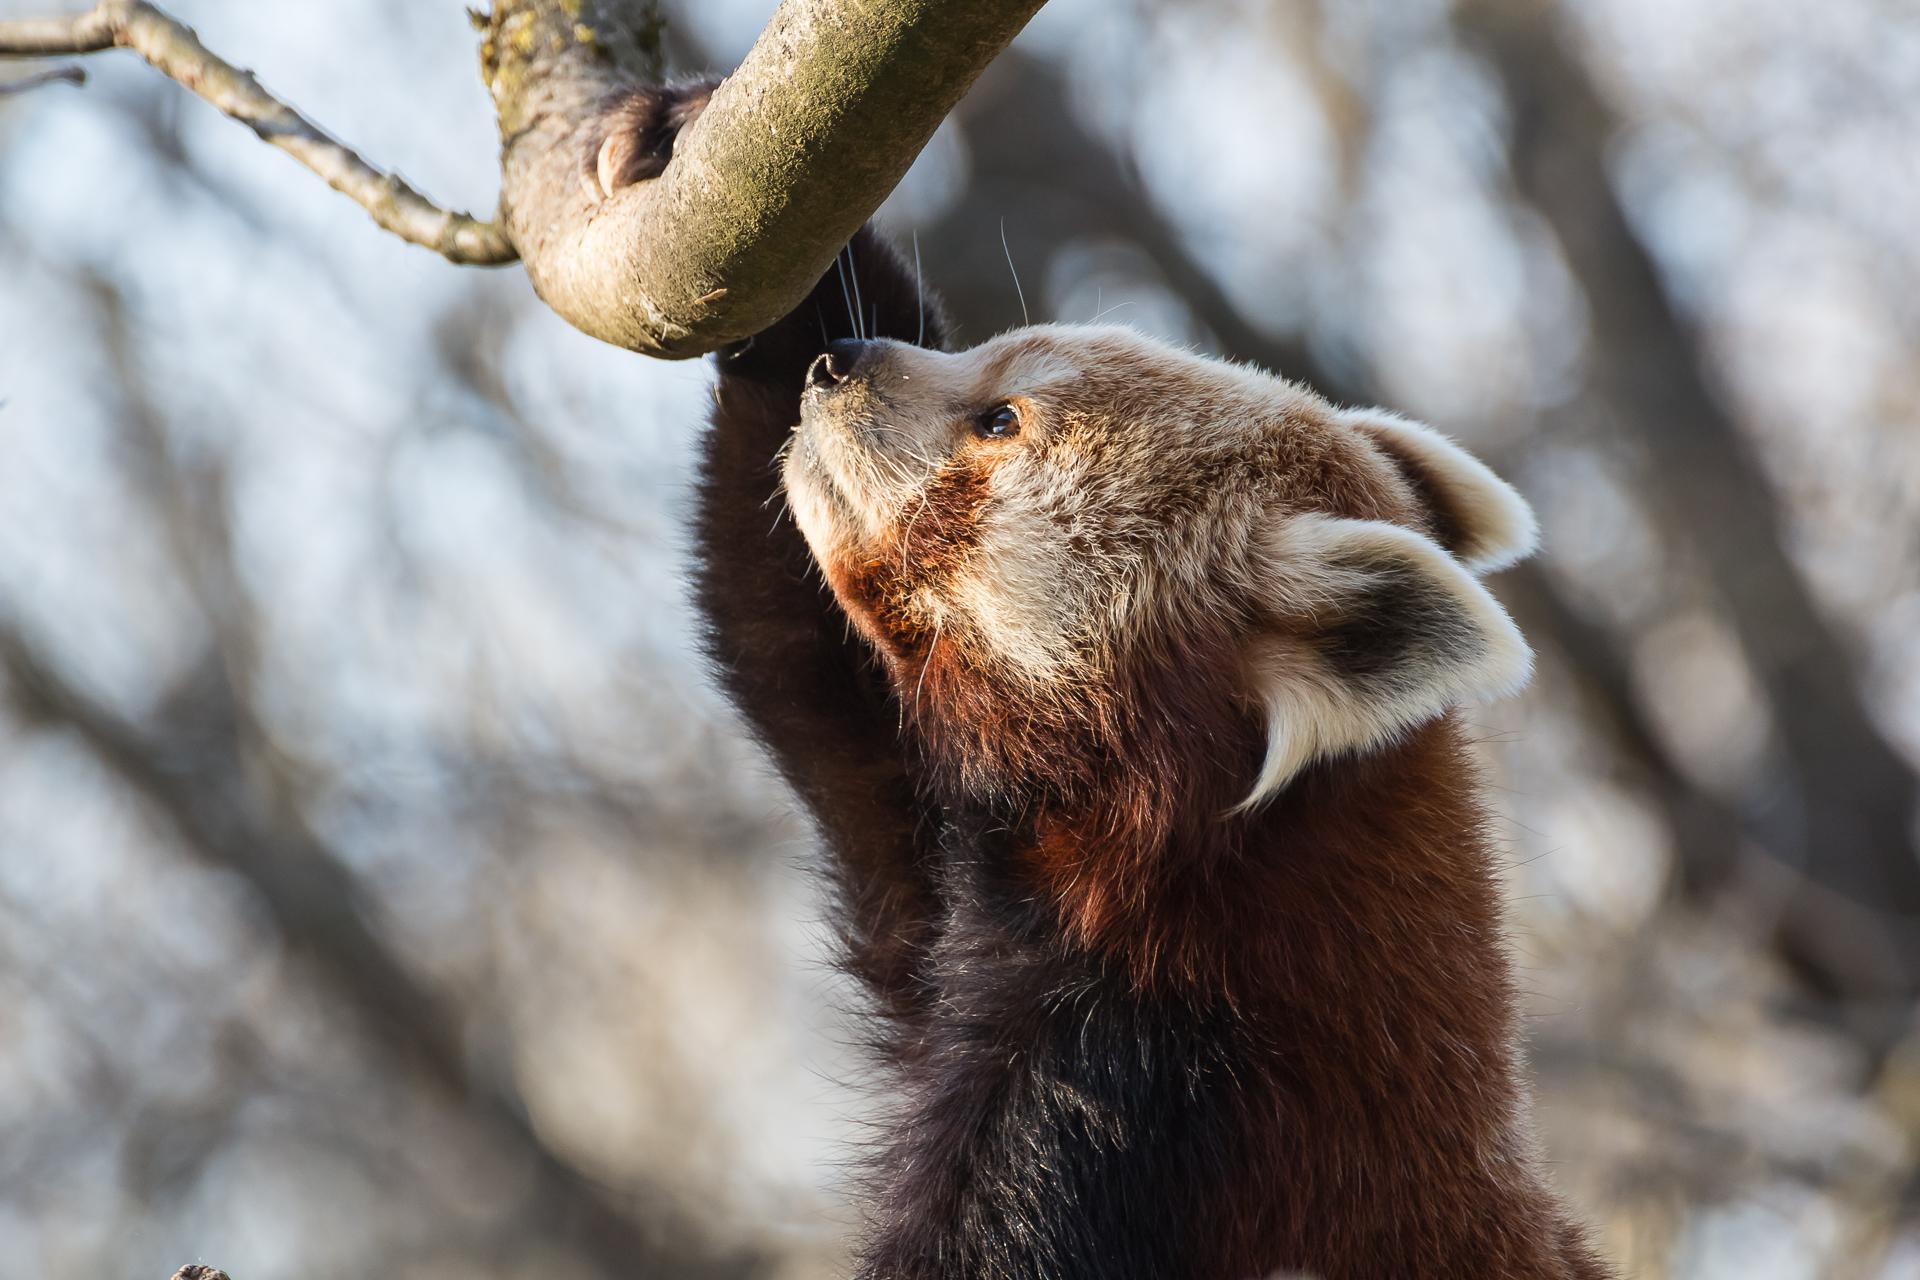 international red panda day photo juergen breitenbaumer 500px.com:juergenbr